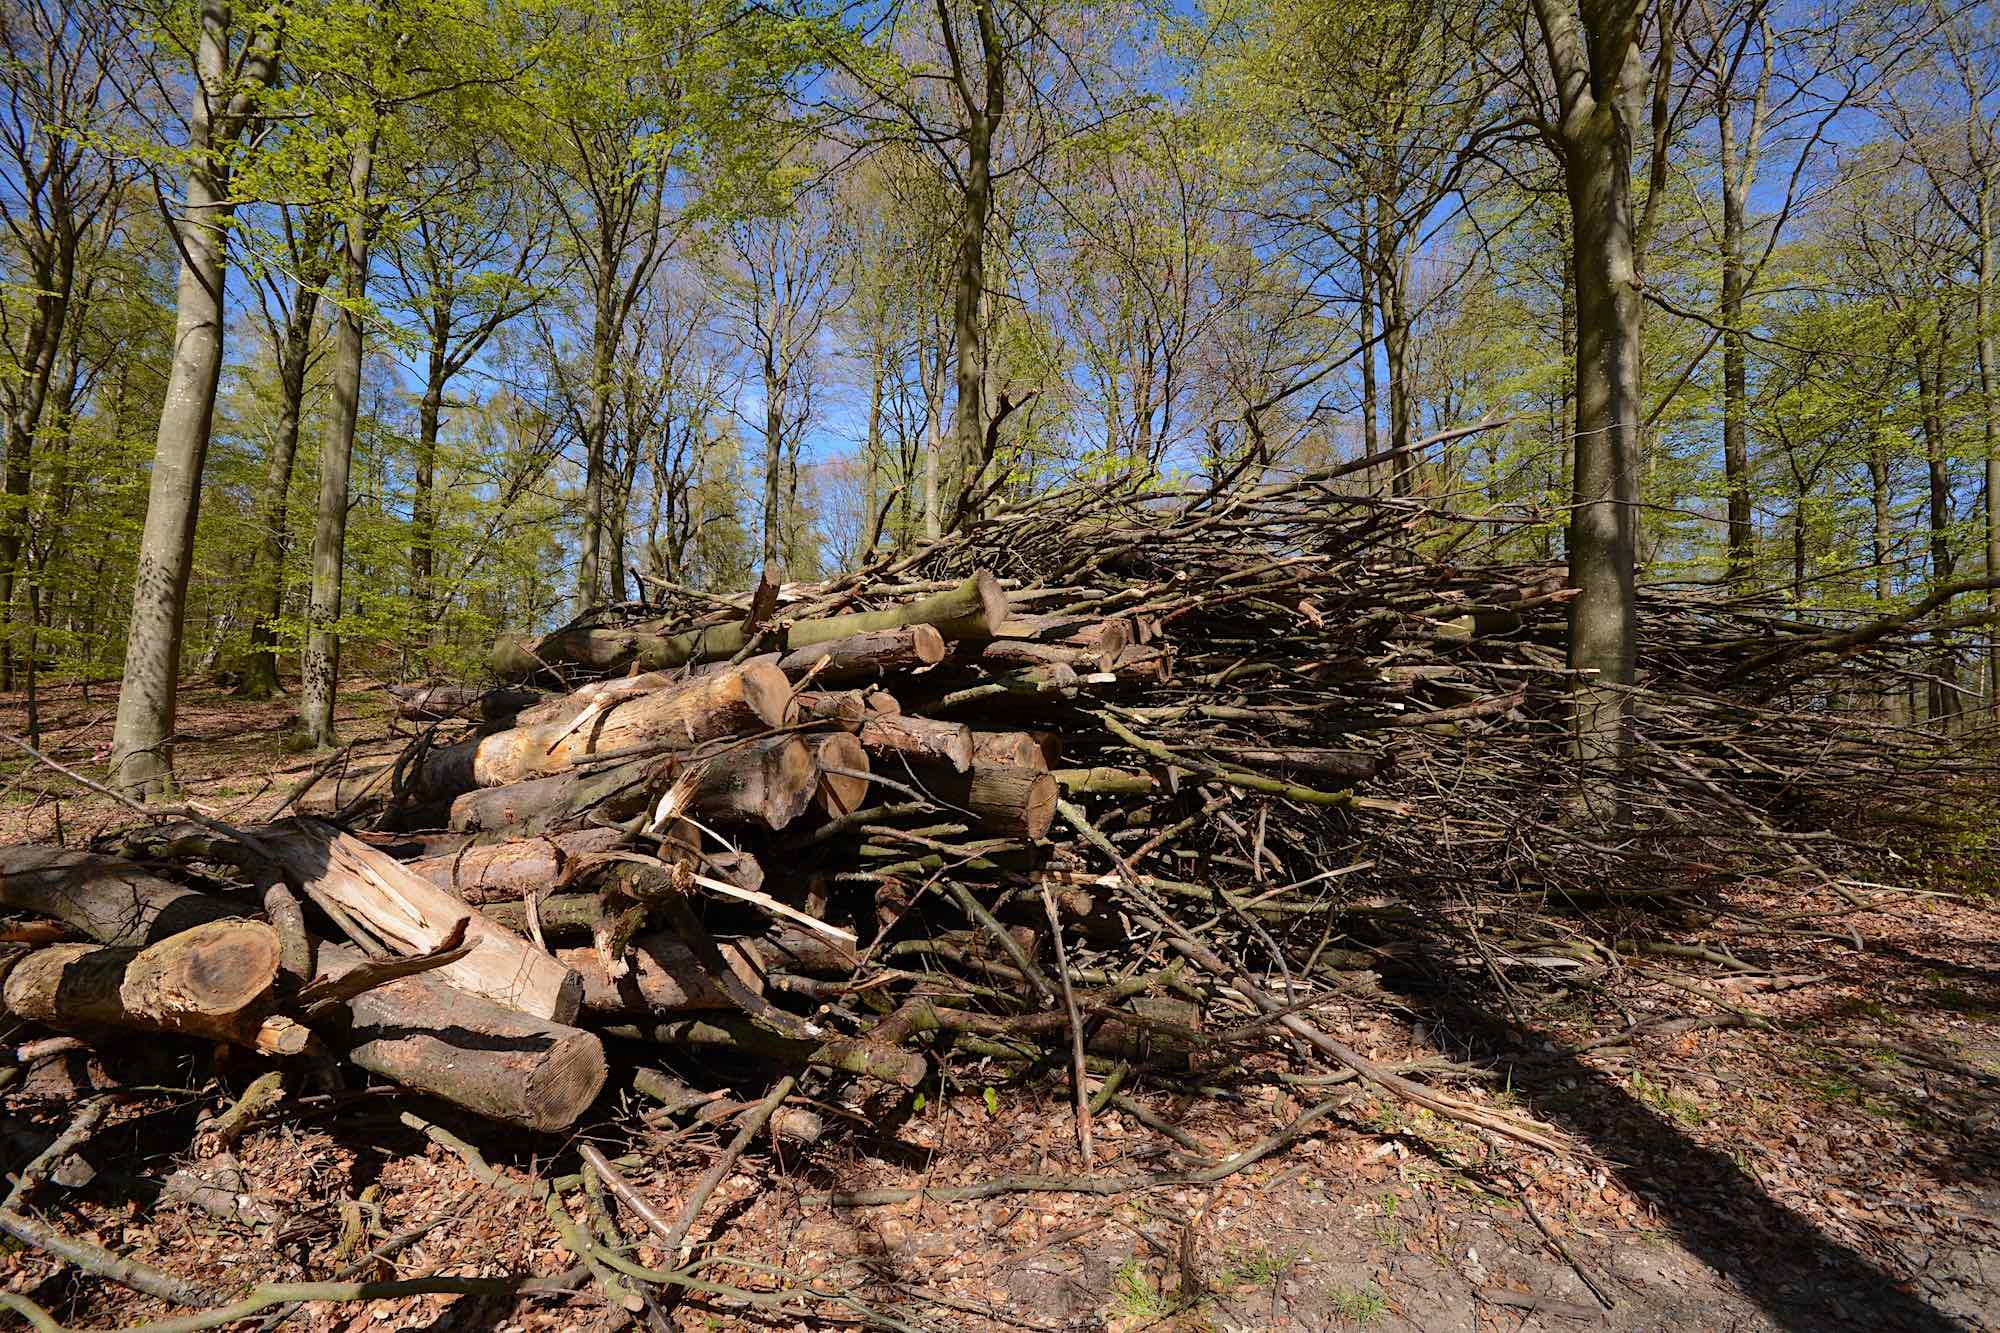 Et stenkast fra et lille frimærke med urørt skov nord for Bøgeholm Sø fældes stadig træer – her en stabel, der skal flises fra et skovområde, der trænger til mere dødt ved (foto: Rune Engelbreth Larsen)